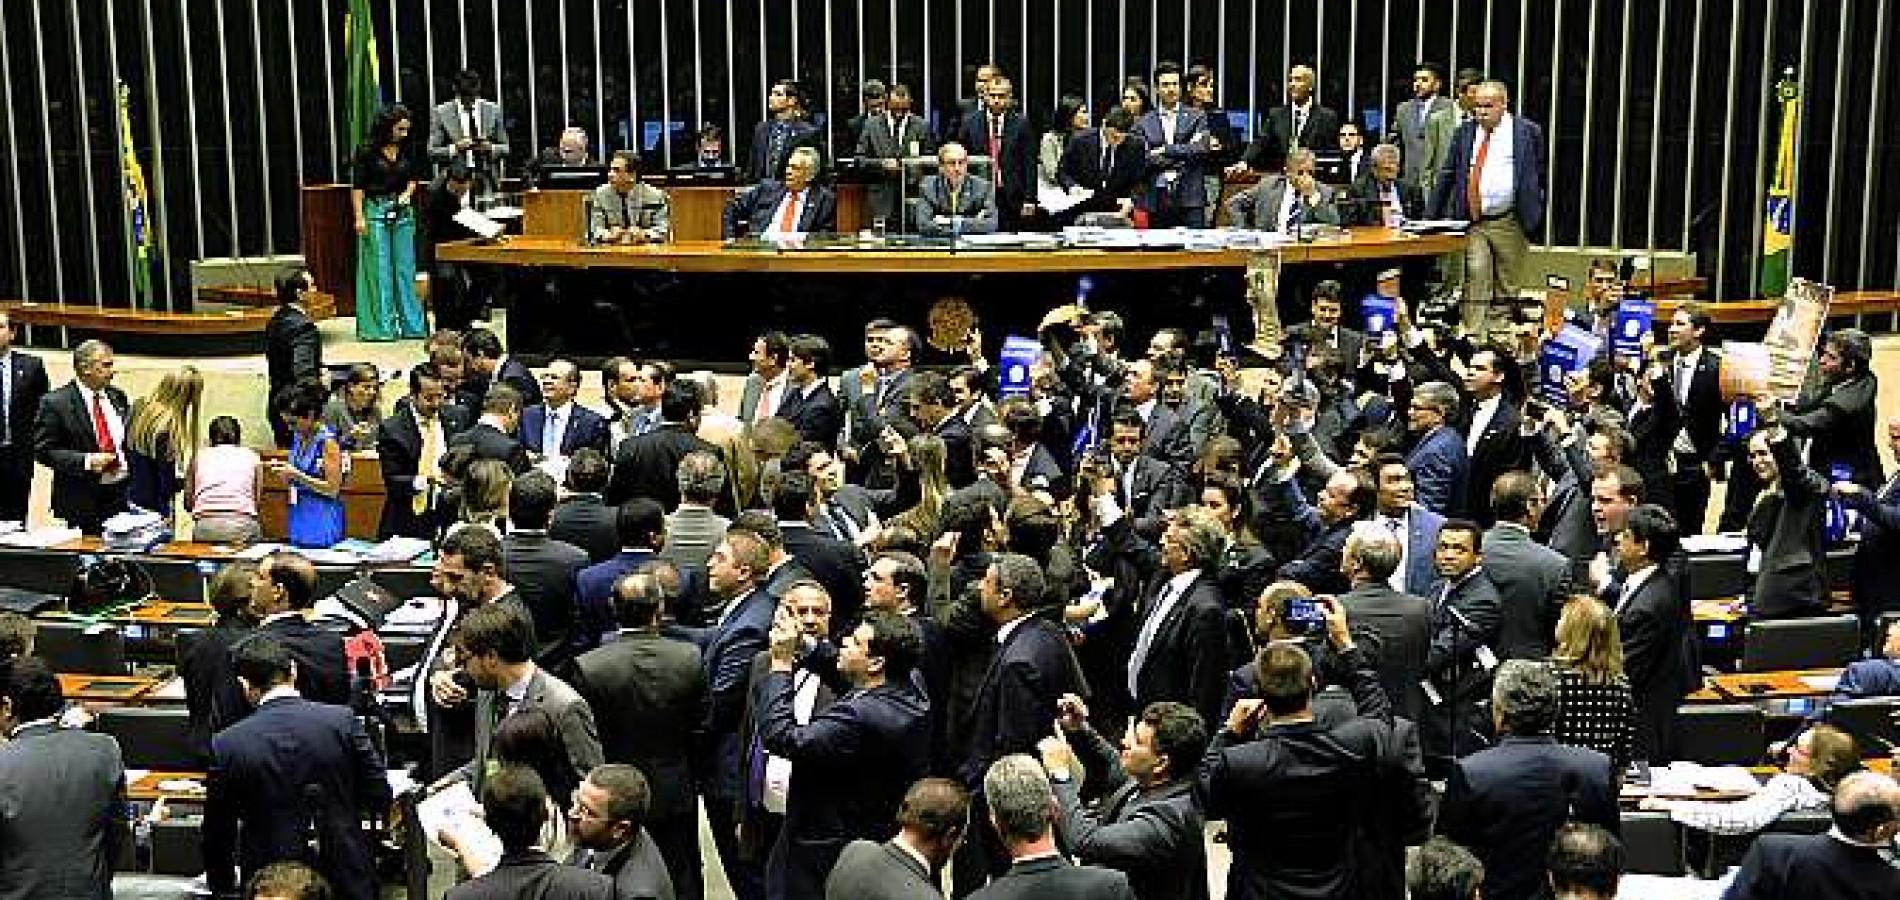 Comissão da Câmara aprova redução da maioridade penal para 16 anos